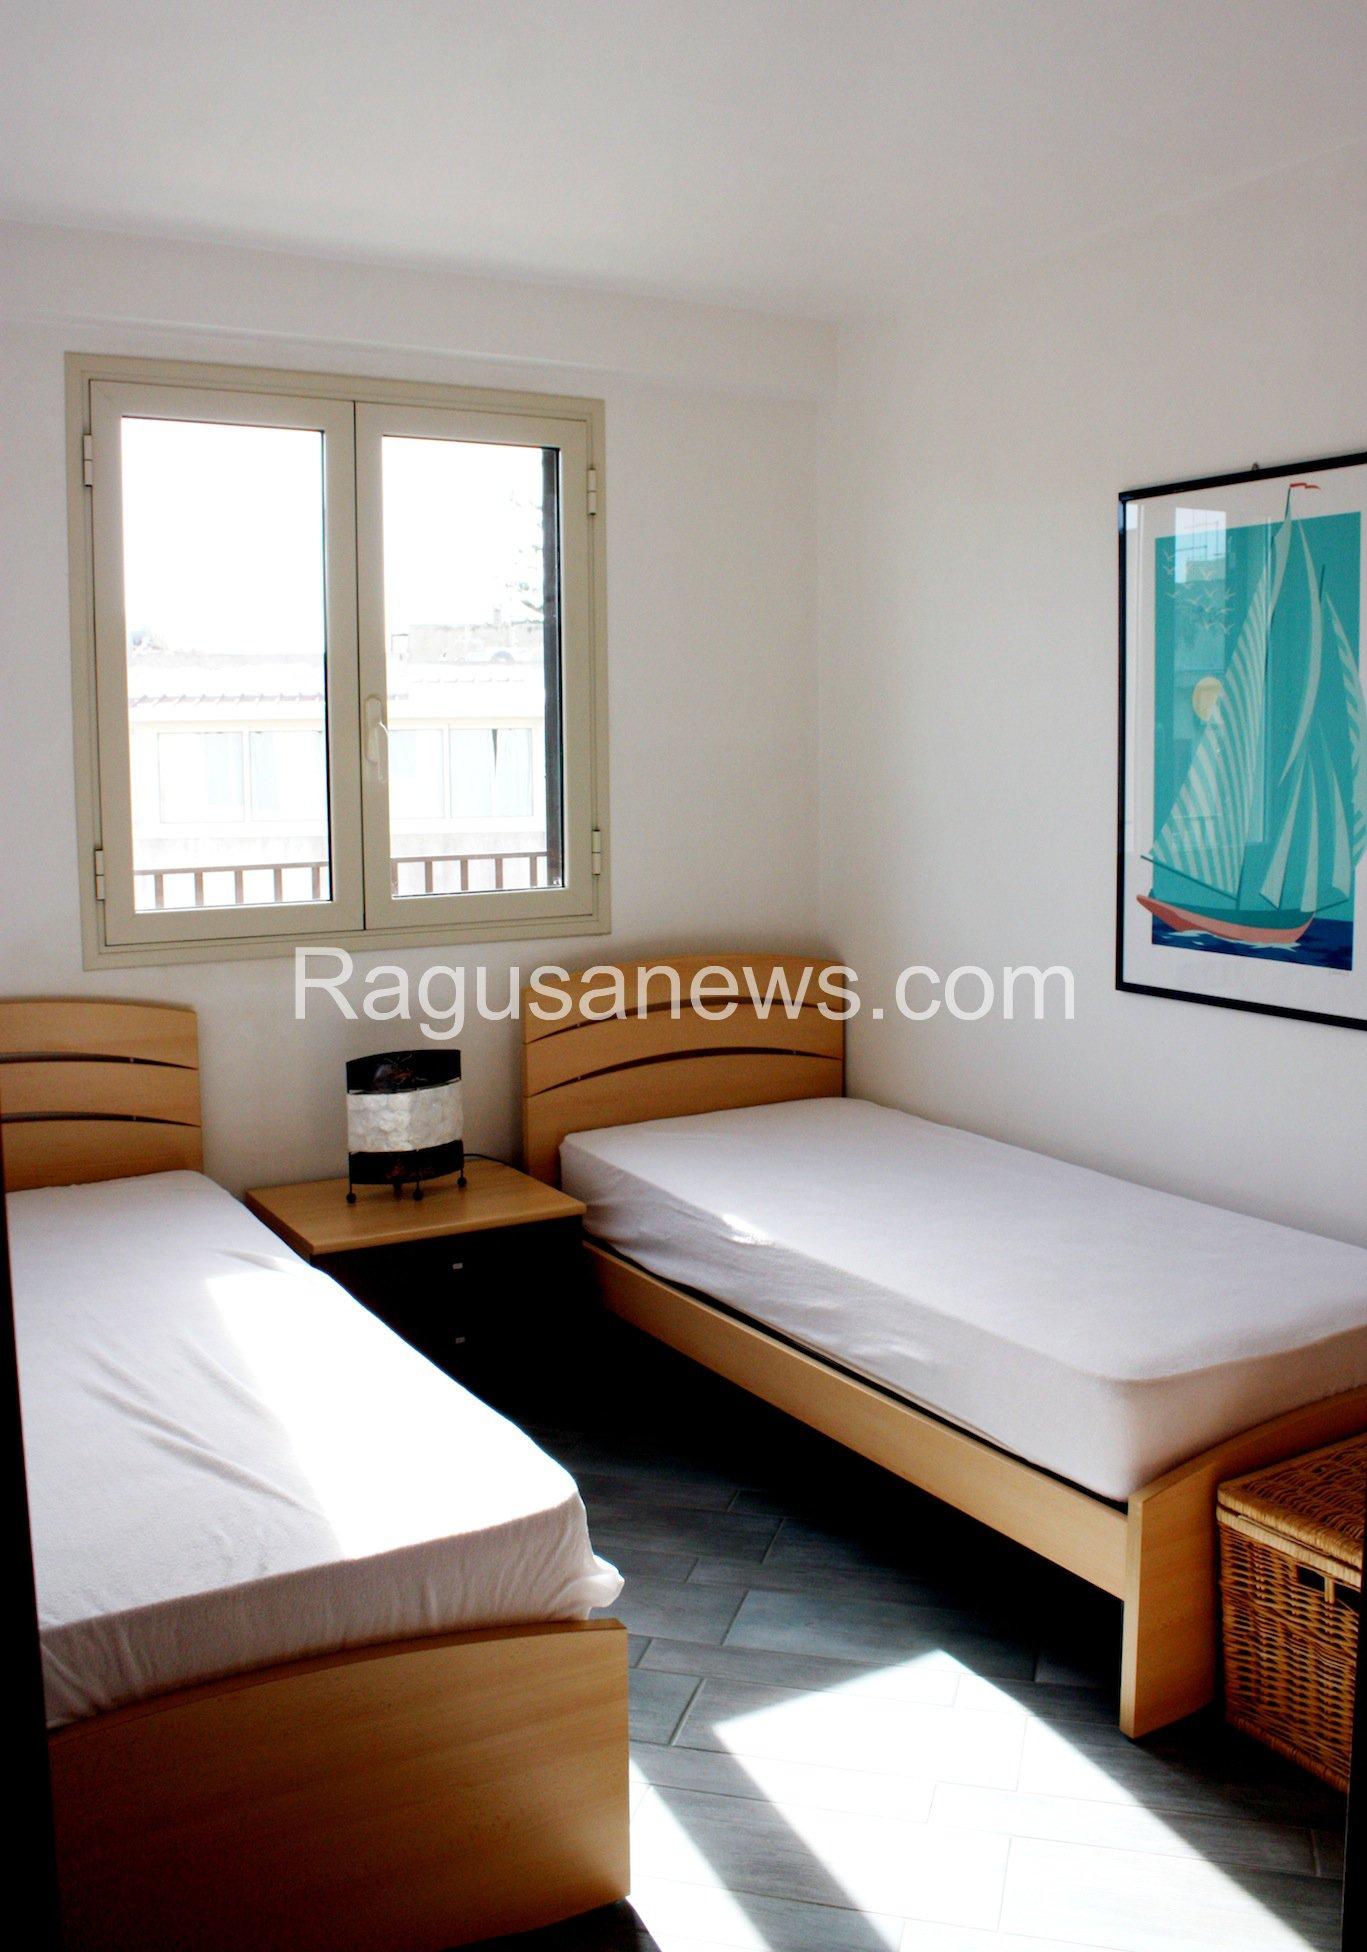 https://www.ragusanews.com//immagini_articoli/16-03-2015/1426494915-1-affitto-appartamento-a-donnalucata.jpg